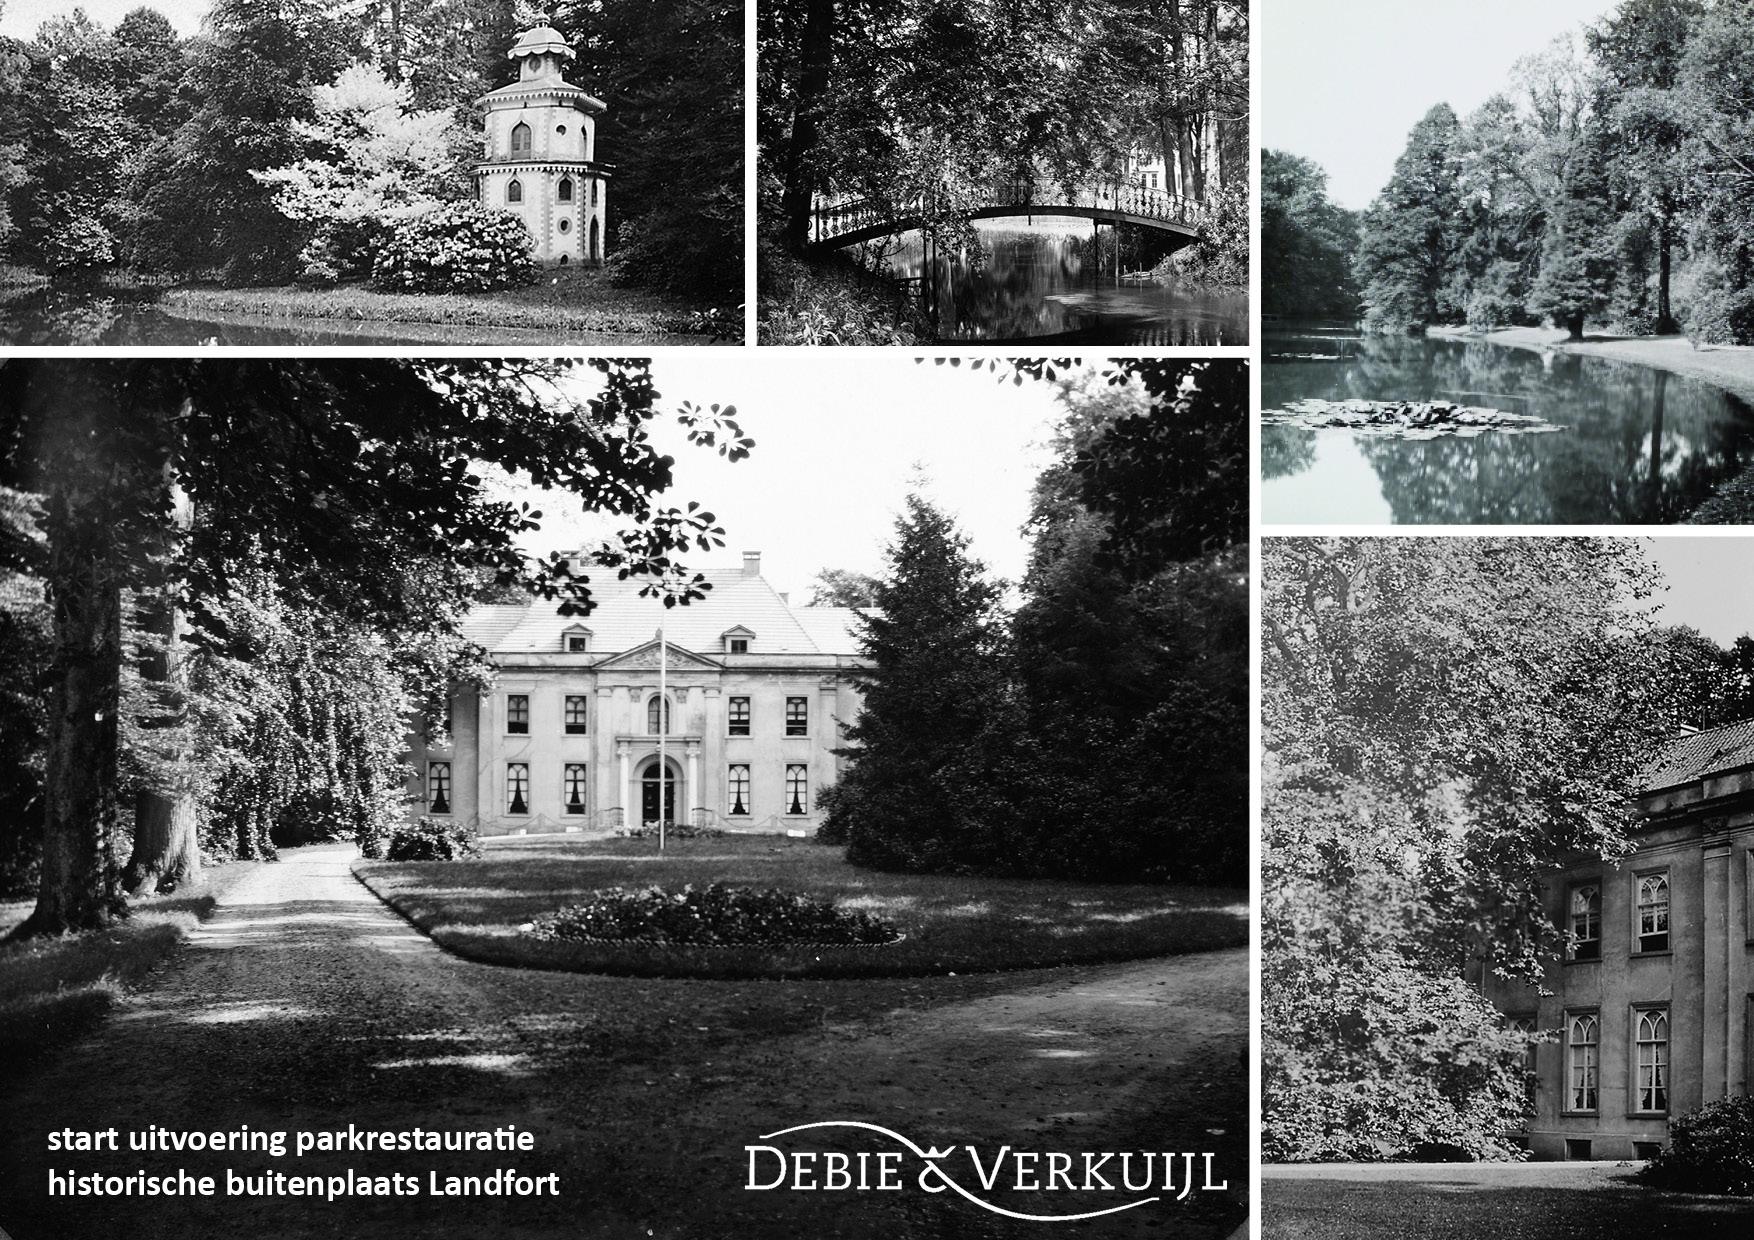 Parkrestauratie Gestart Op Historische Buitenplaats Huis Landfort Te Megchelen